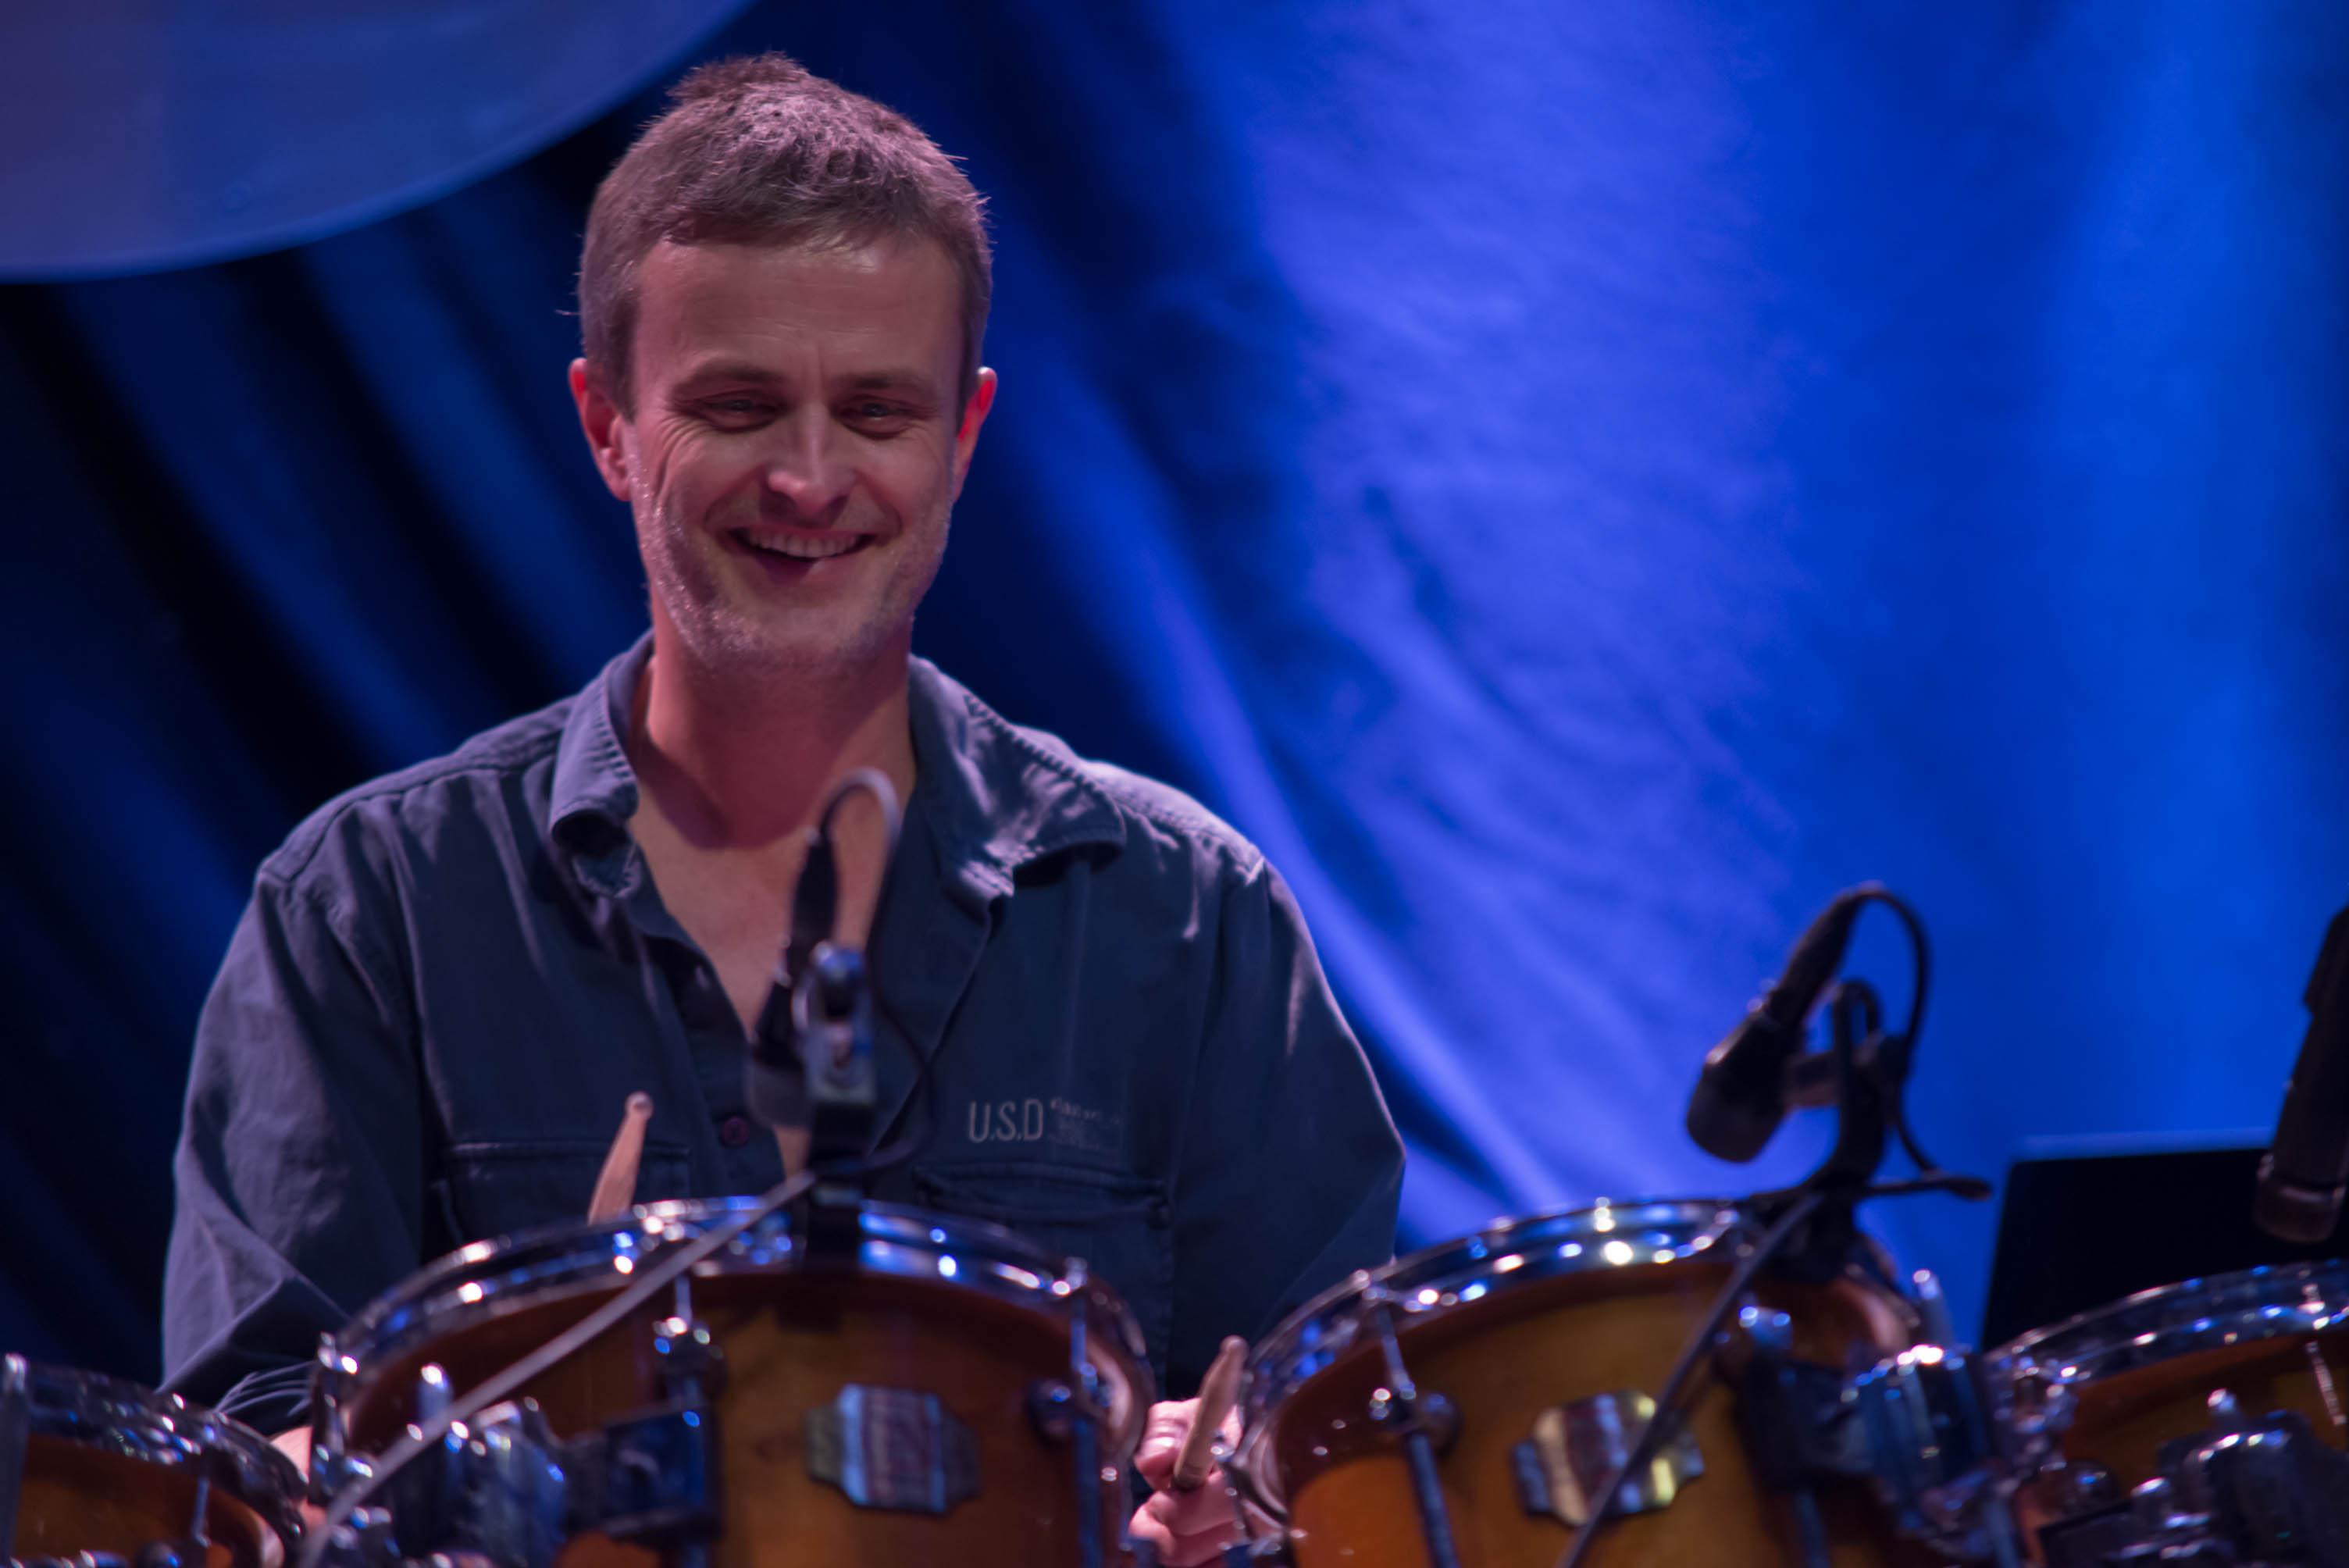 Henriksen/Kleive/Norbakken, 2012 Kongsberg Jazz Festival